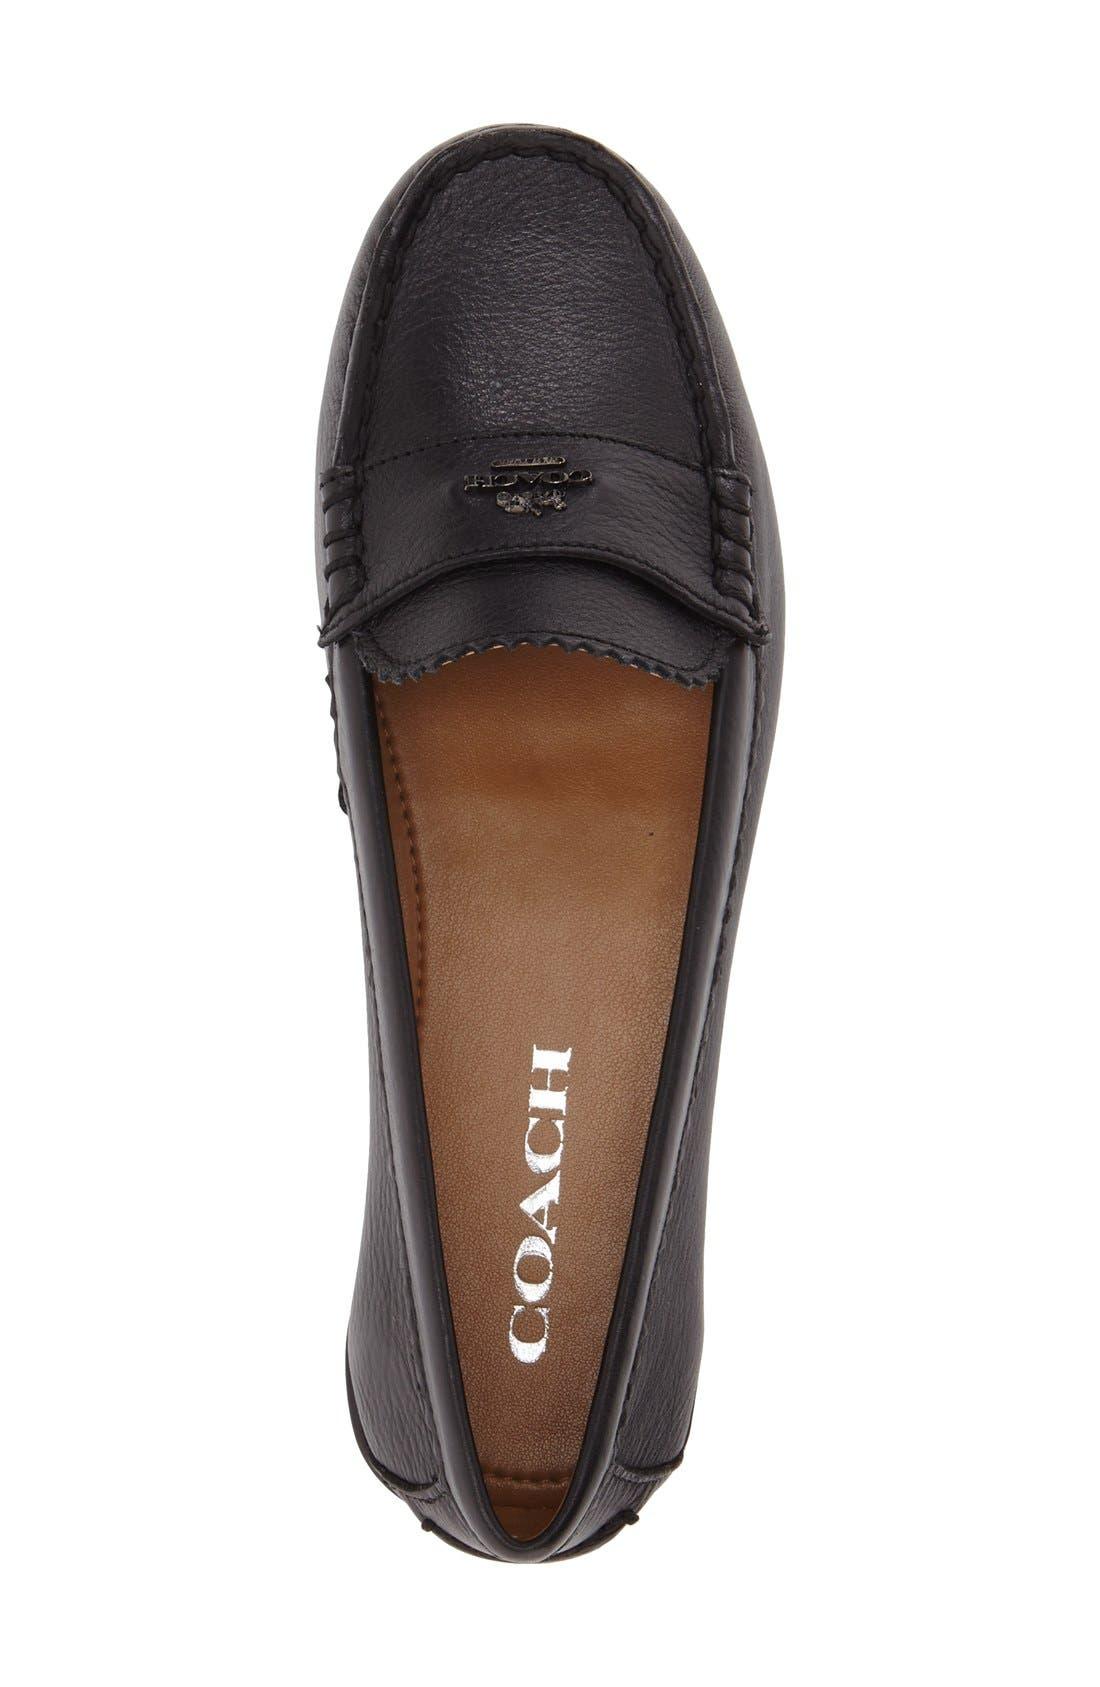 Alternate Image 3  - COACH 'Odette' Moccasin Loafer (Women)